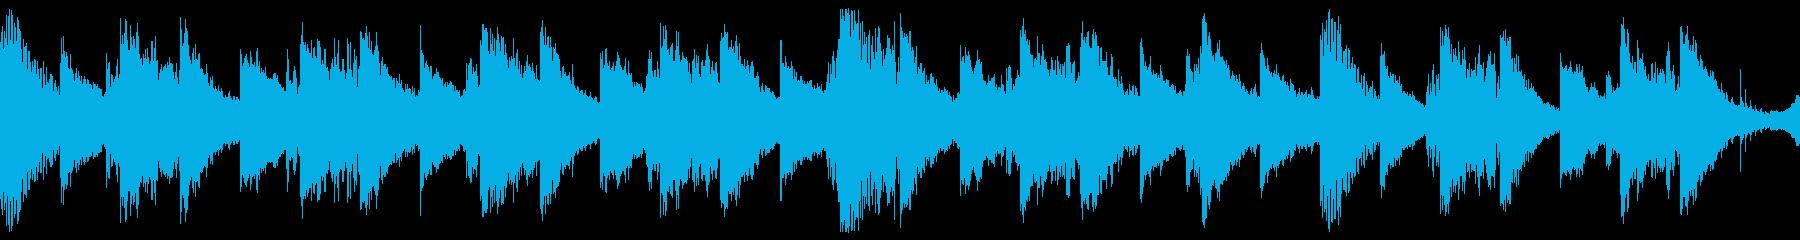 Xなファイルの都市伝説_1分ループの再生済みの波形